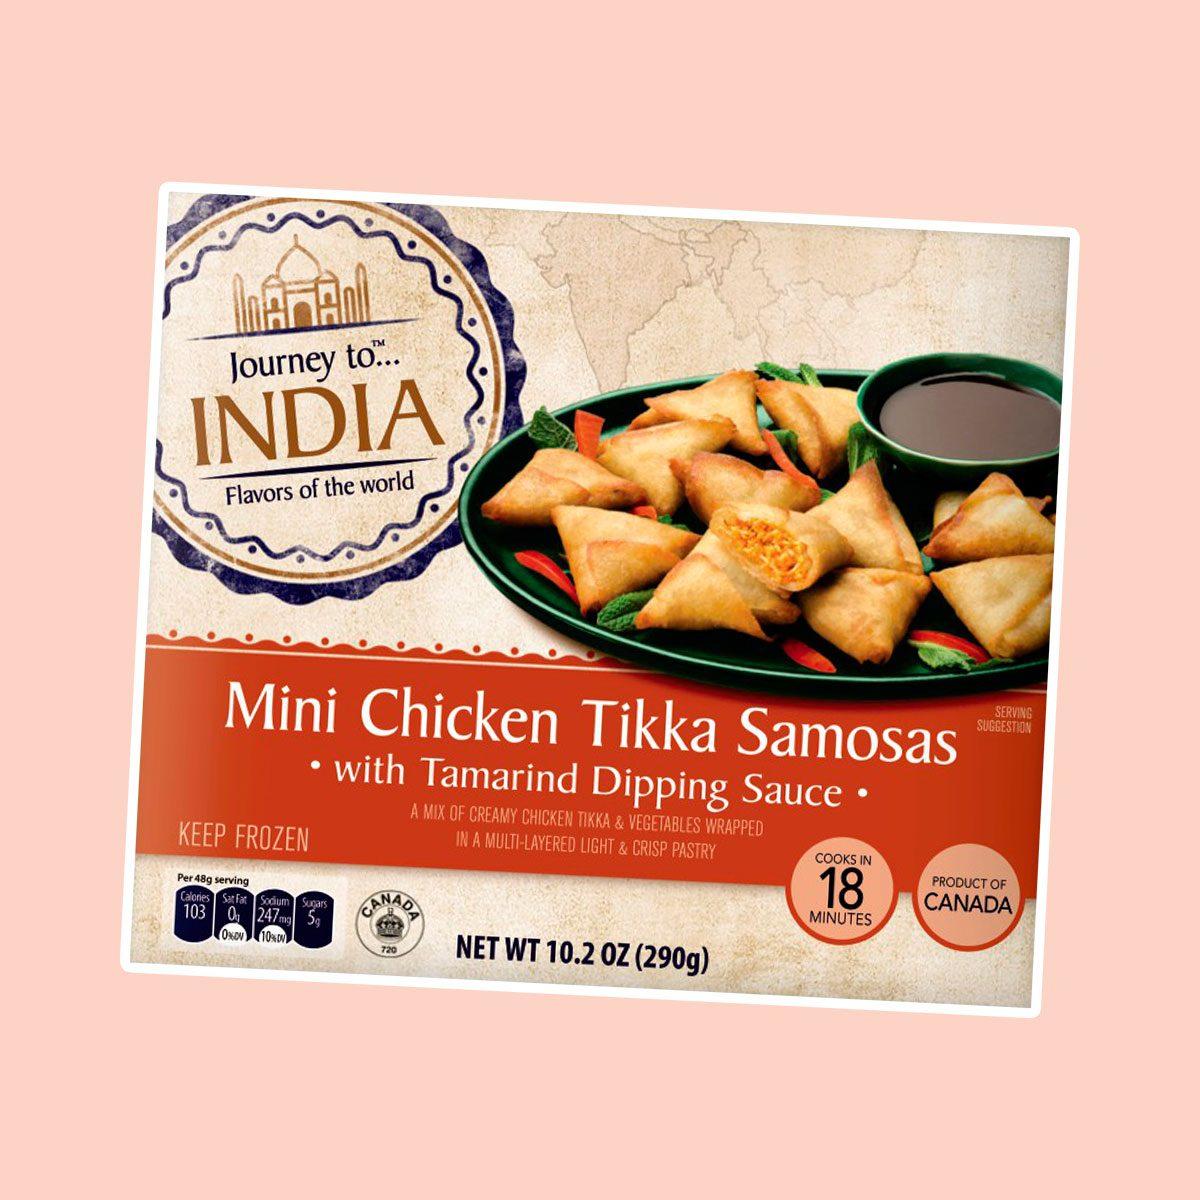 Mini Chicken Tikka Samosas